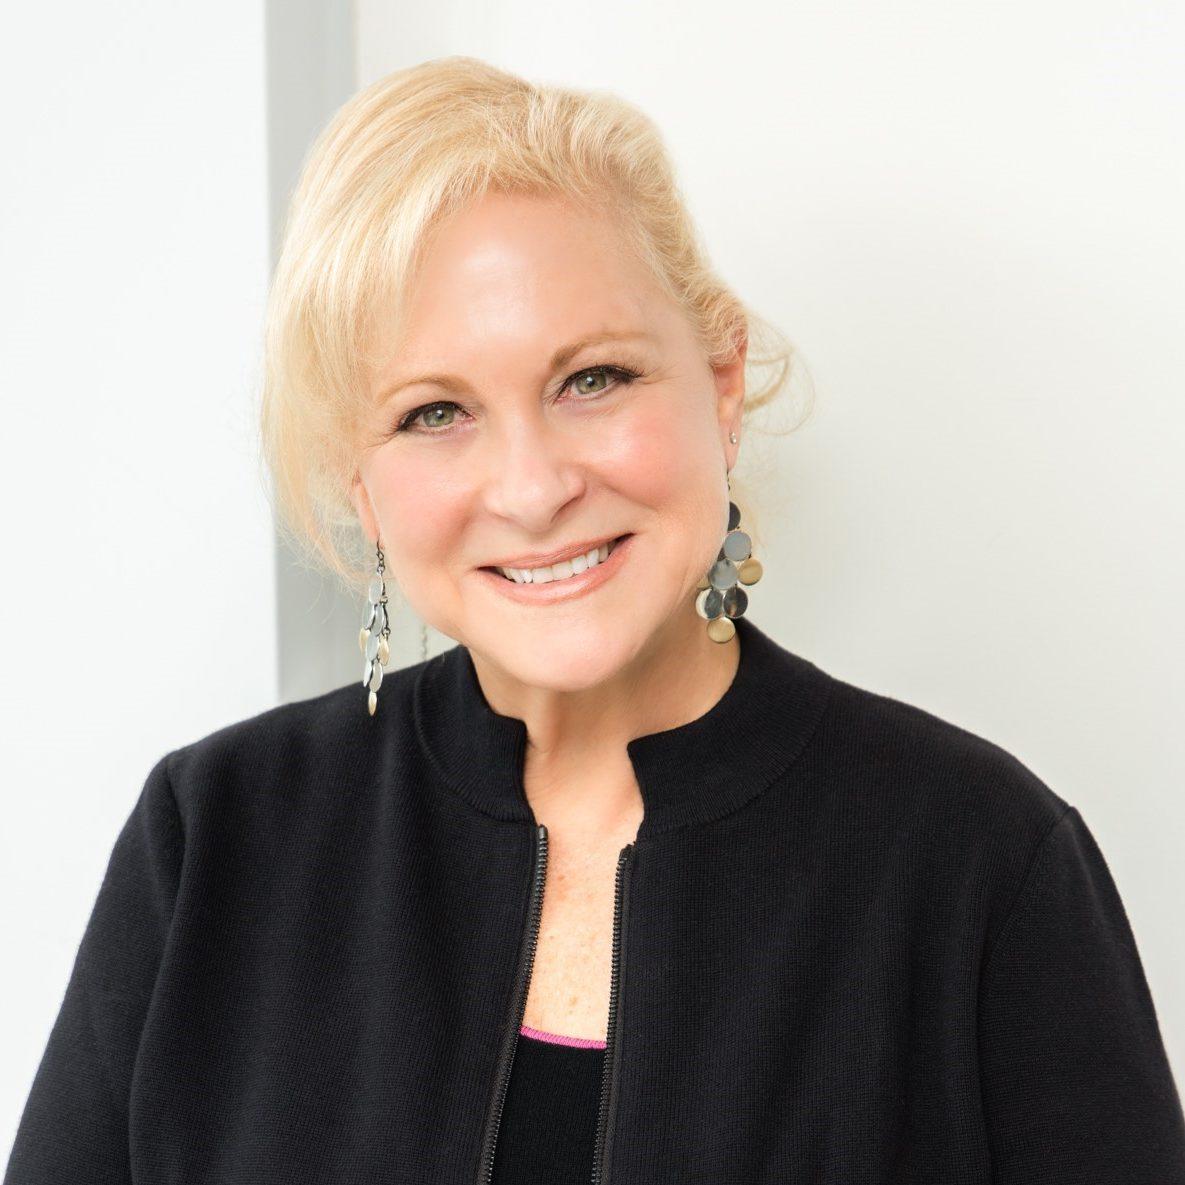 Debra Duneier